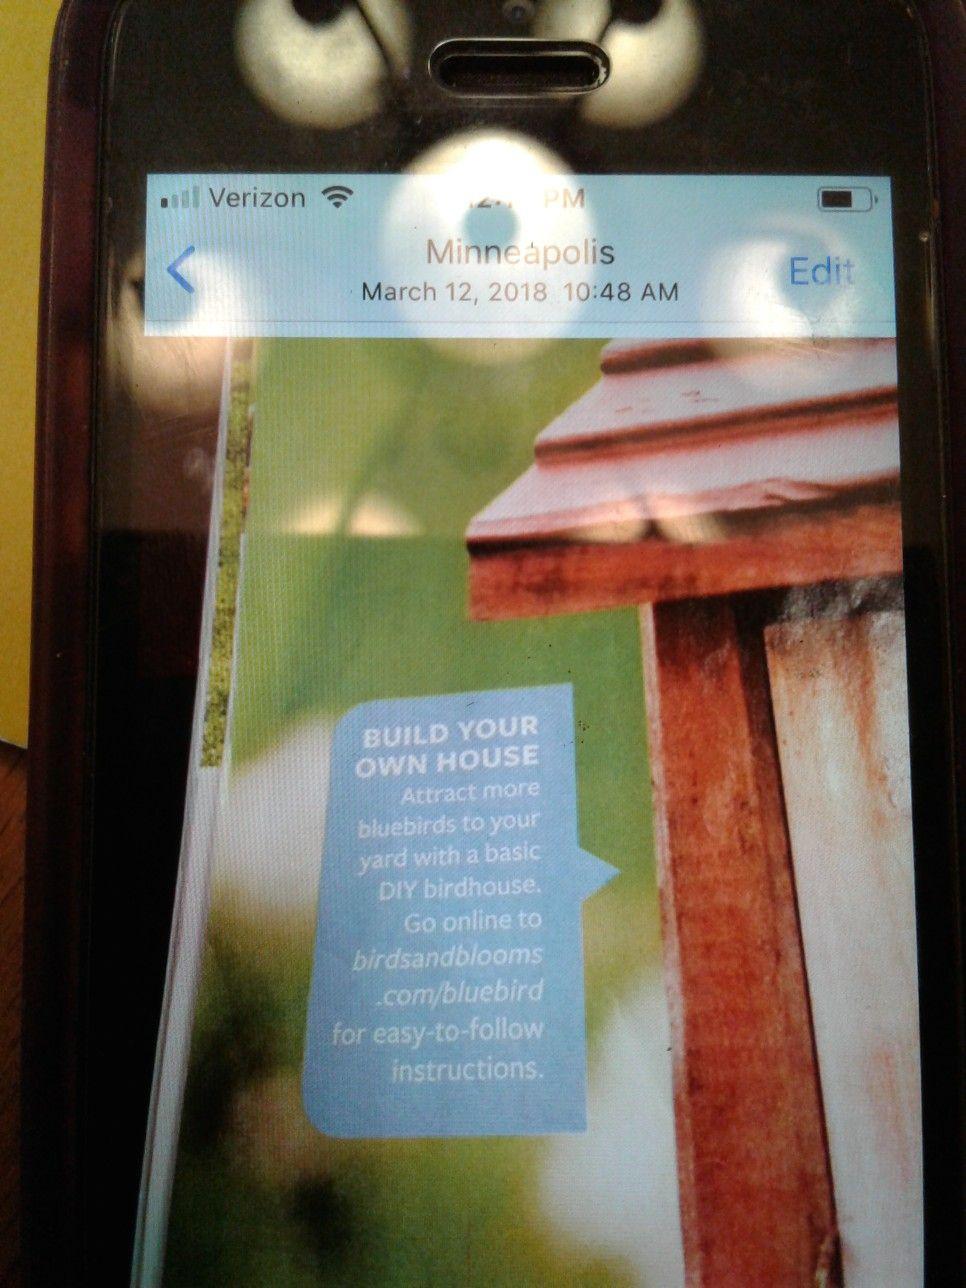 Blue bird houses bluebird house build your own house